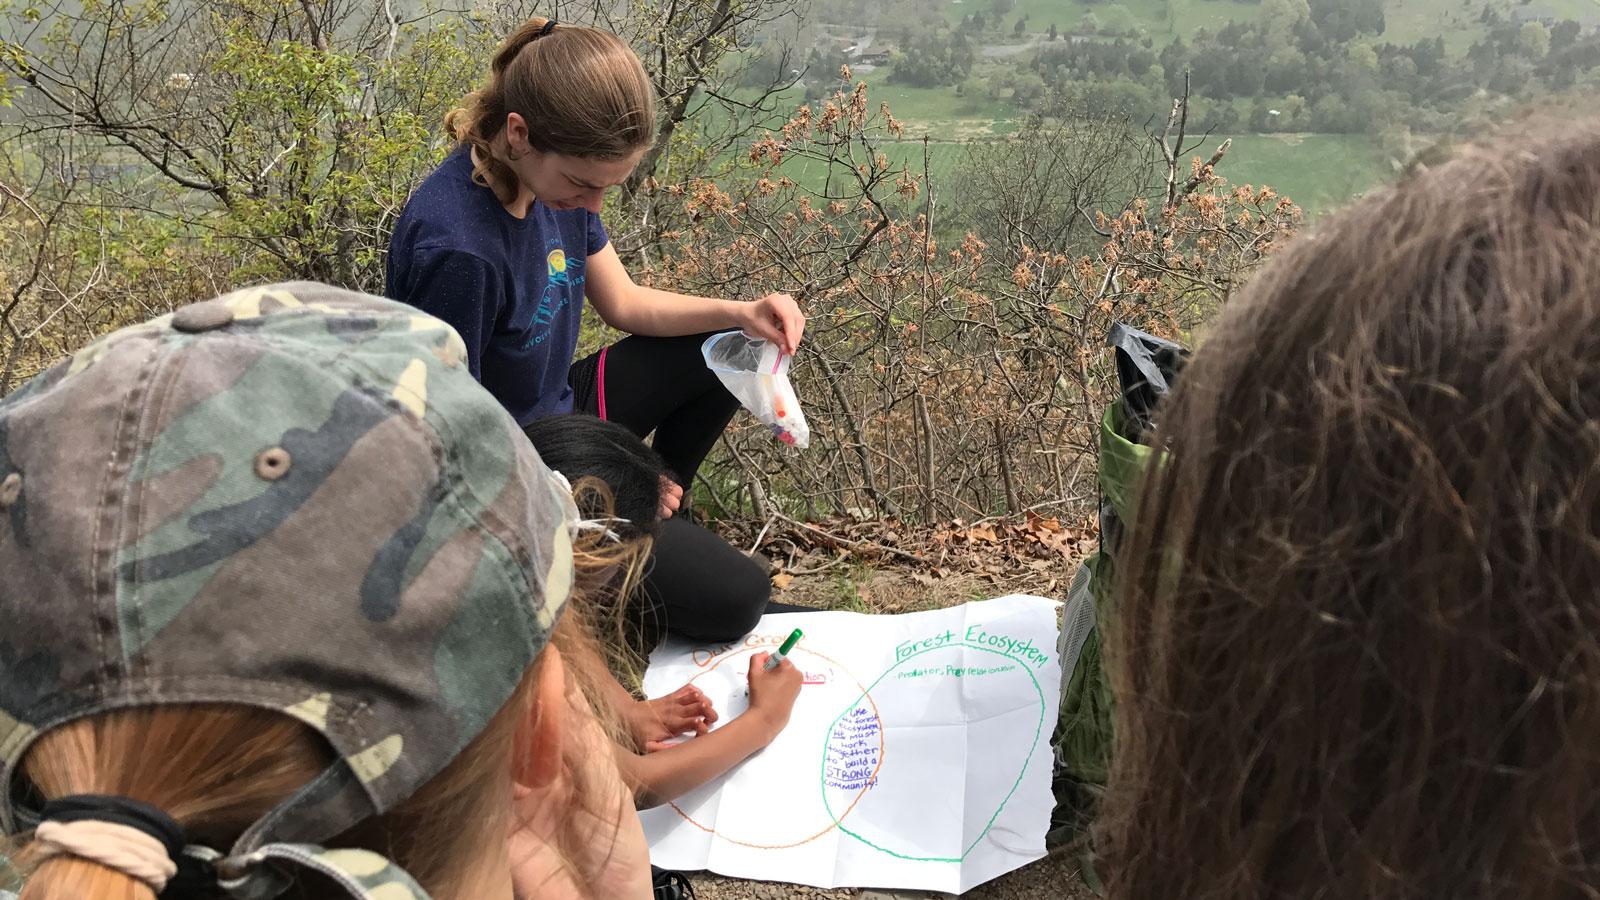 Sixth grade hiking trip in Delaware Water Gap